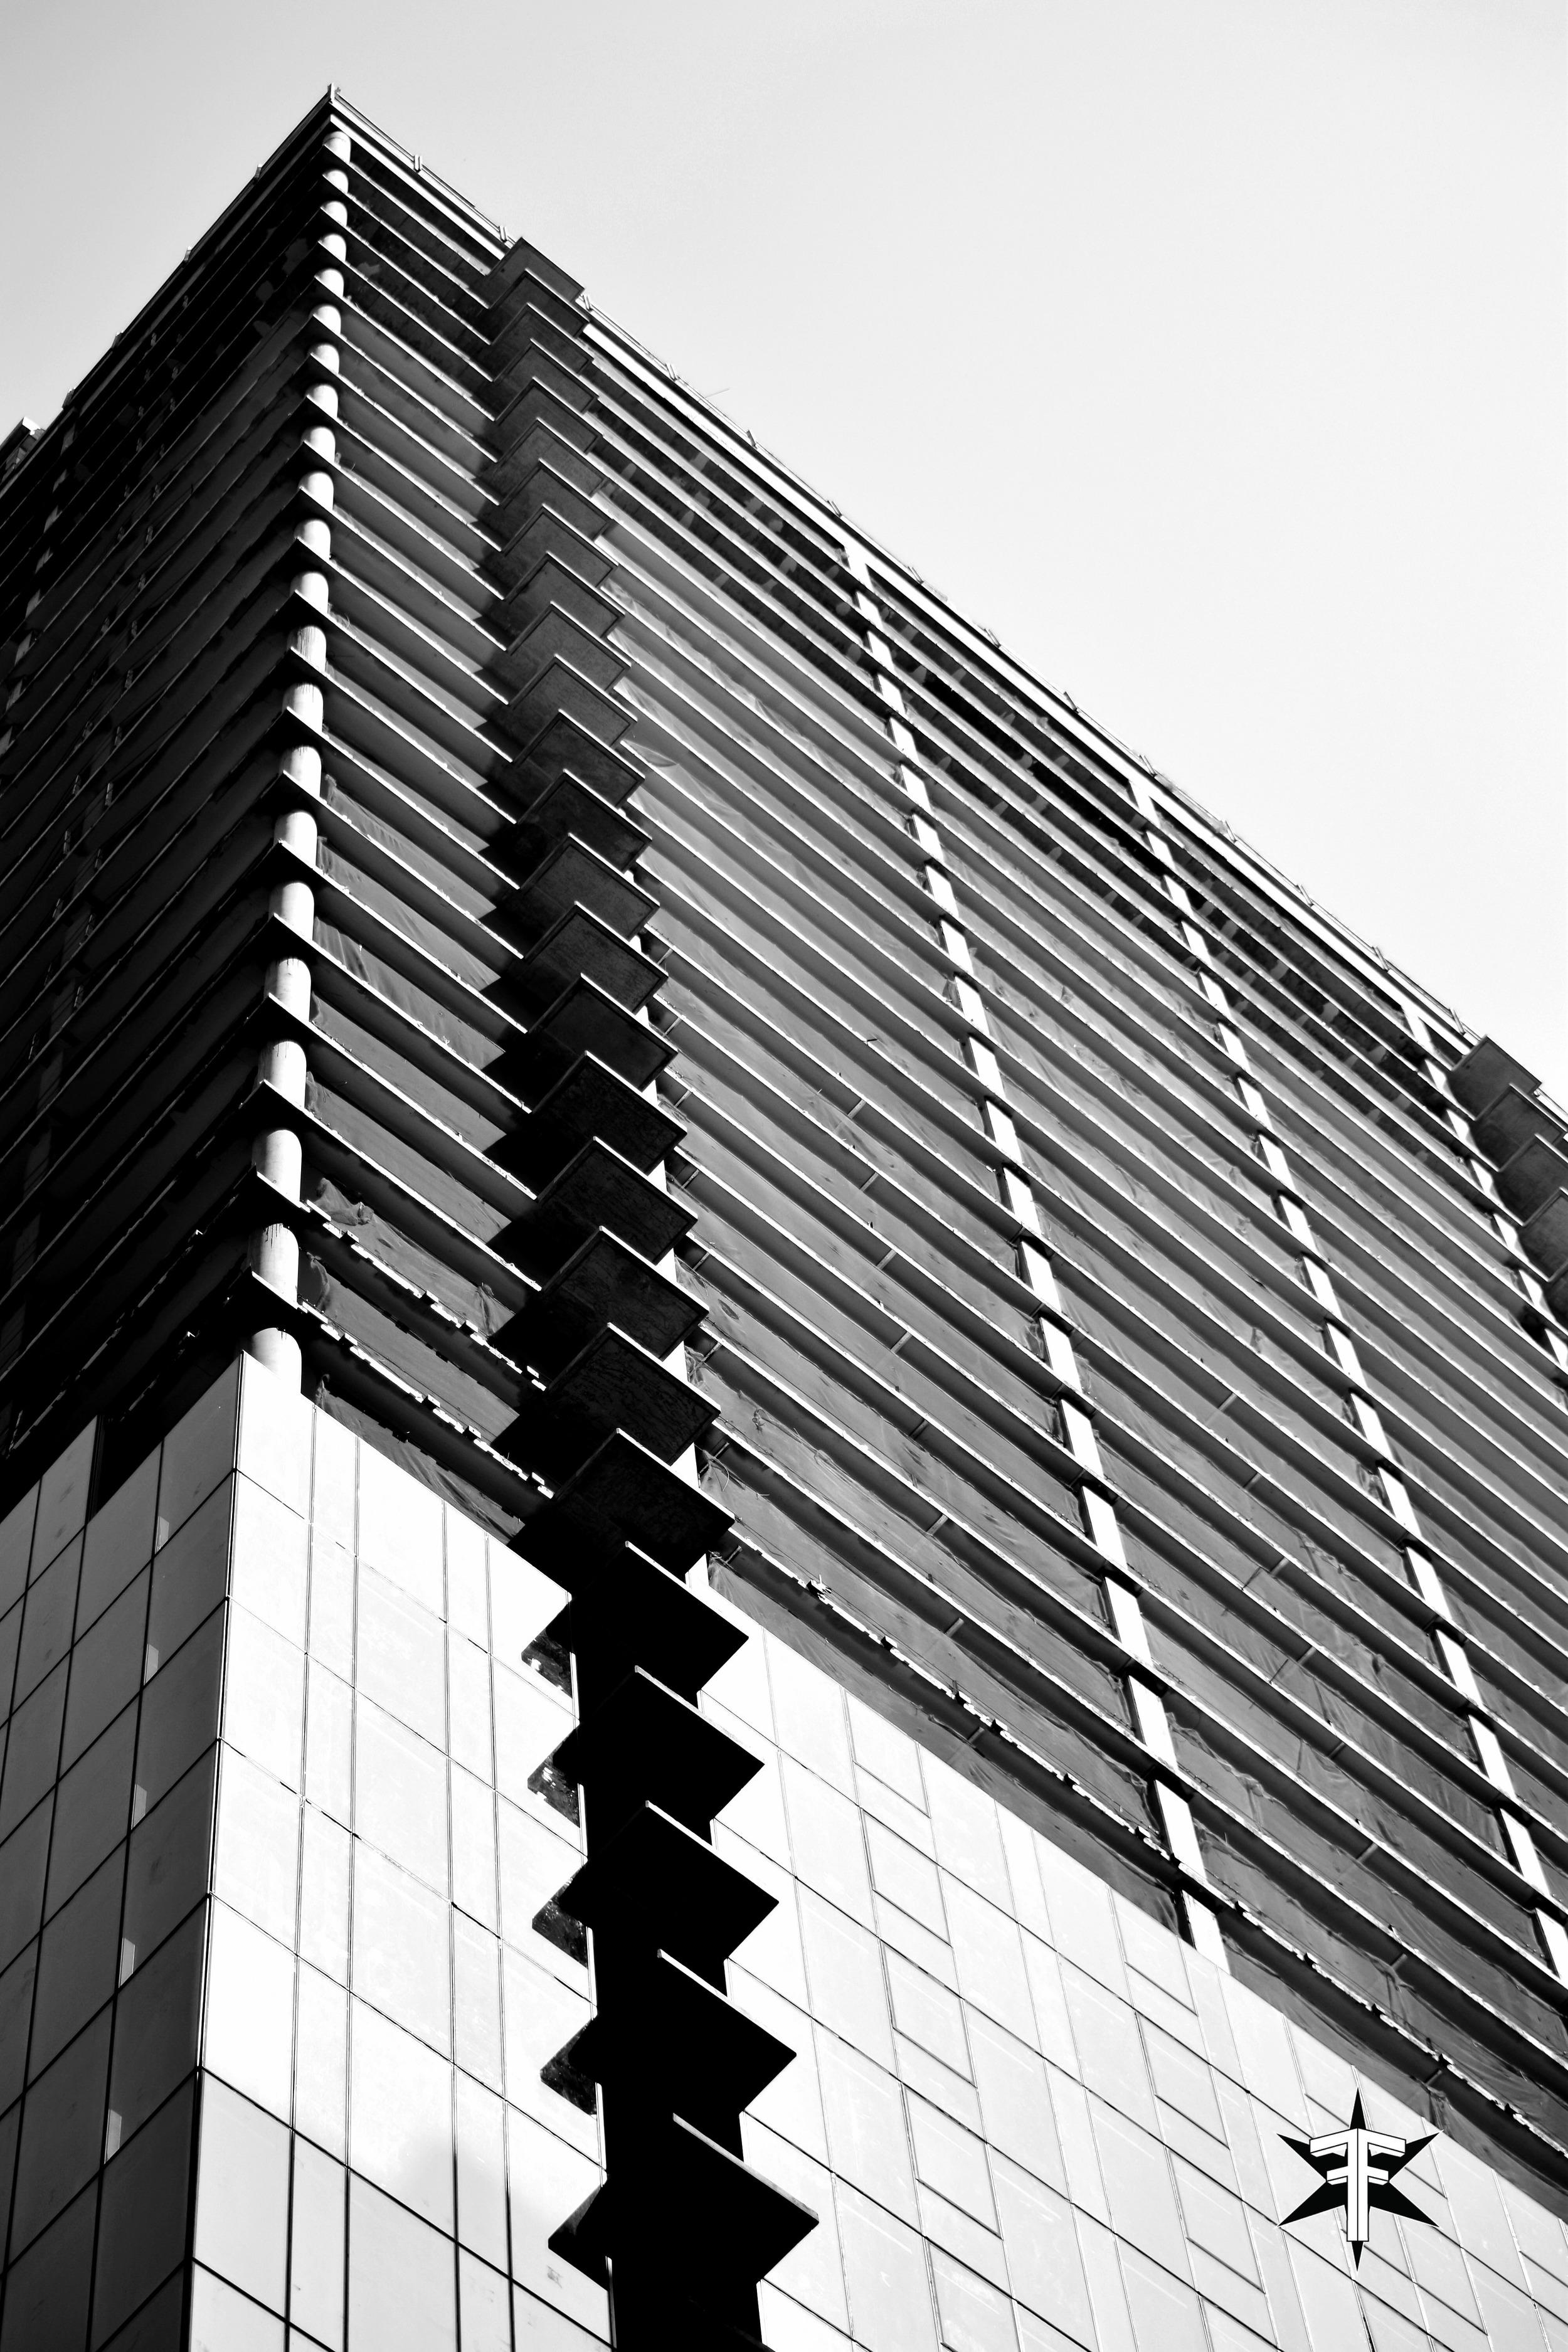 chicago architecture eric formato photography design arquitectura architettura buildings skyscraper skyscrapers-133.jpg